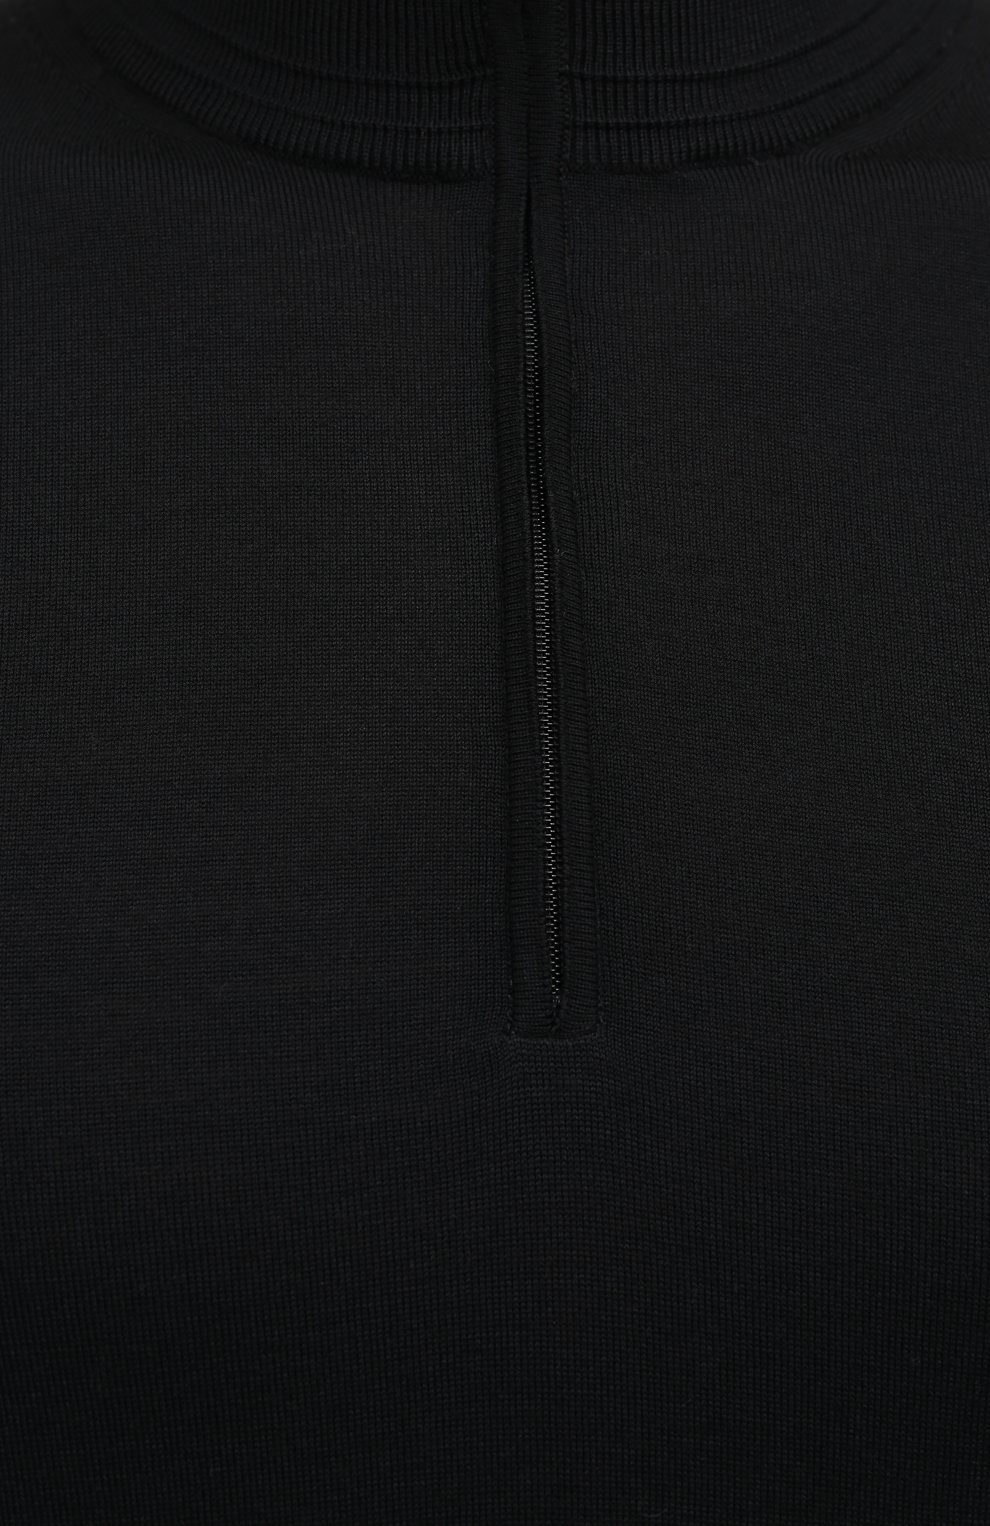 Мужской шерстяной джемпер LUCIANO BARBERA черного цвета, арт. 109258/53169 | Фото 5 (Мужское Кросс-КТ: Джемперы; Материал внешний: Шерсть; Рукава: Длинные; Принт: Без принта; Длина (для топов): Стандартные; Стили: Классический; Вырез: Круглый)